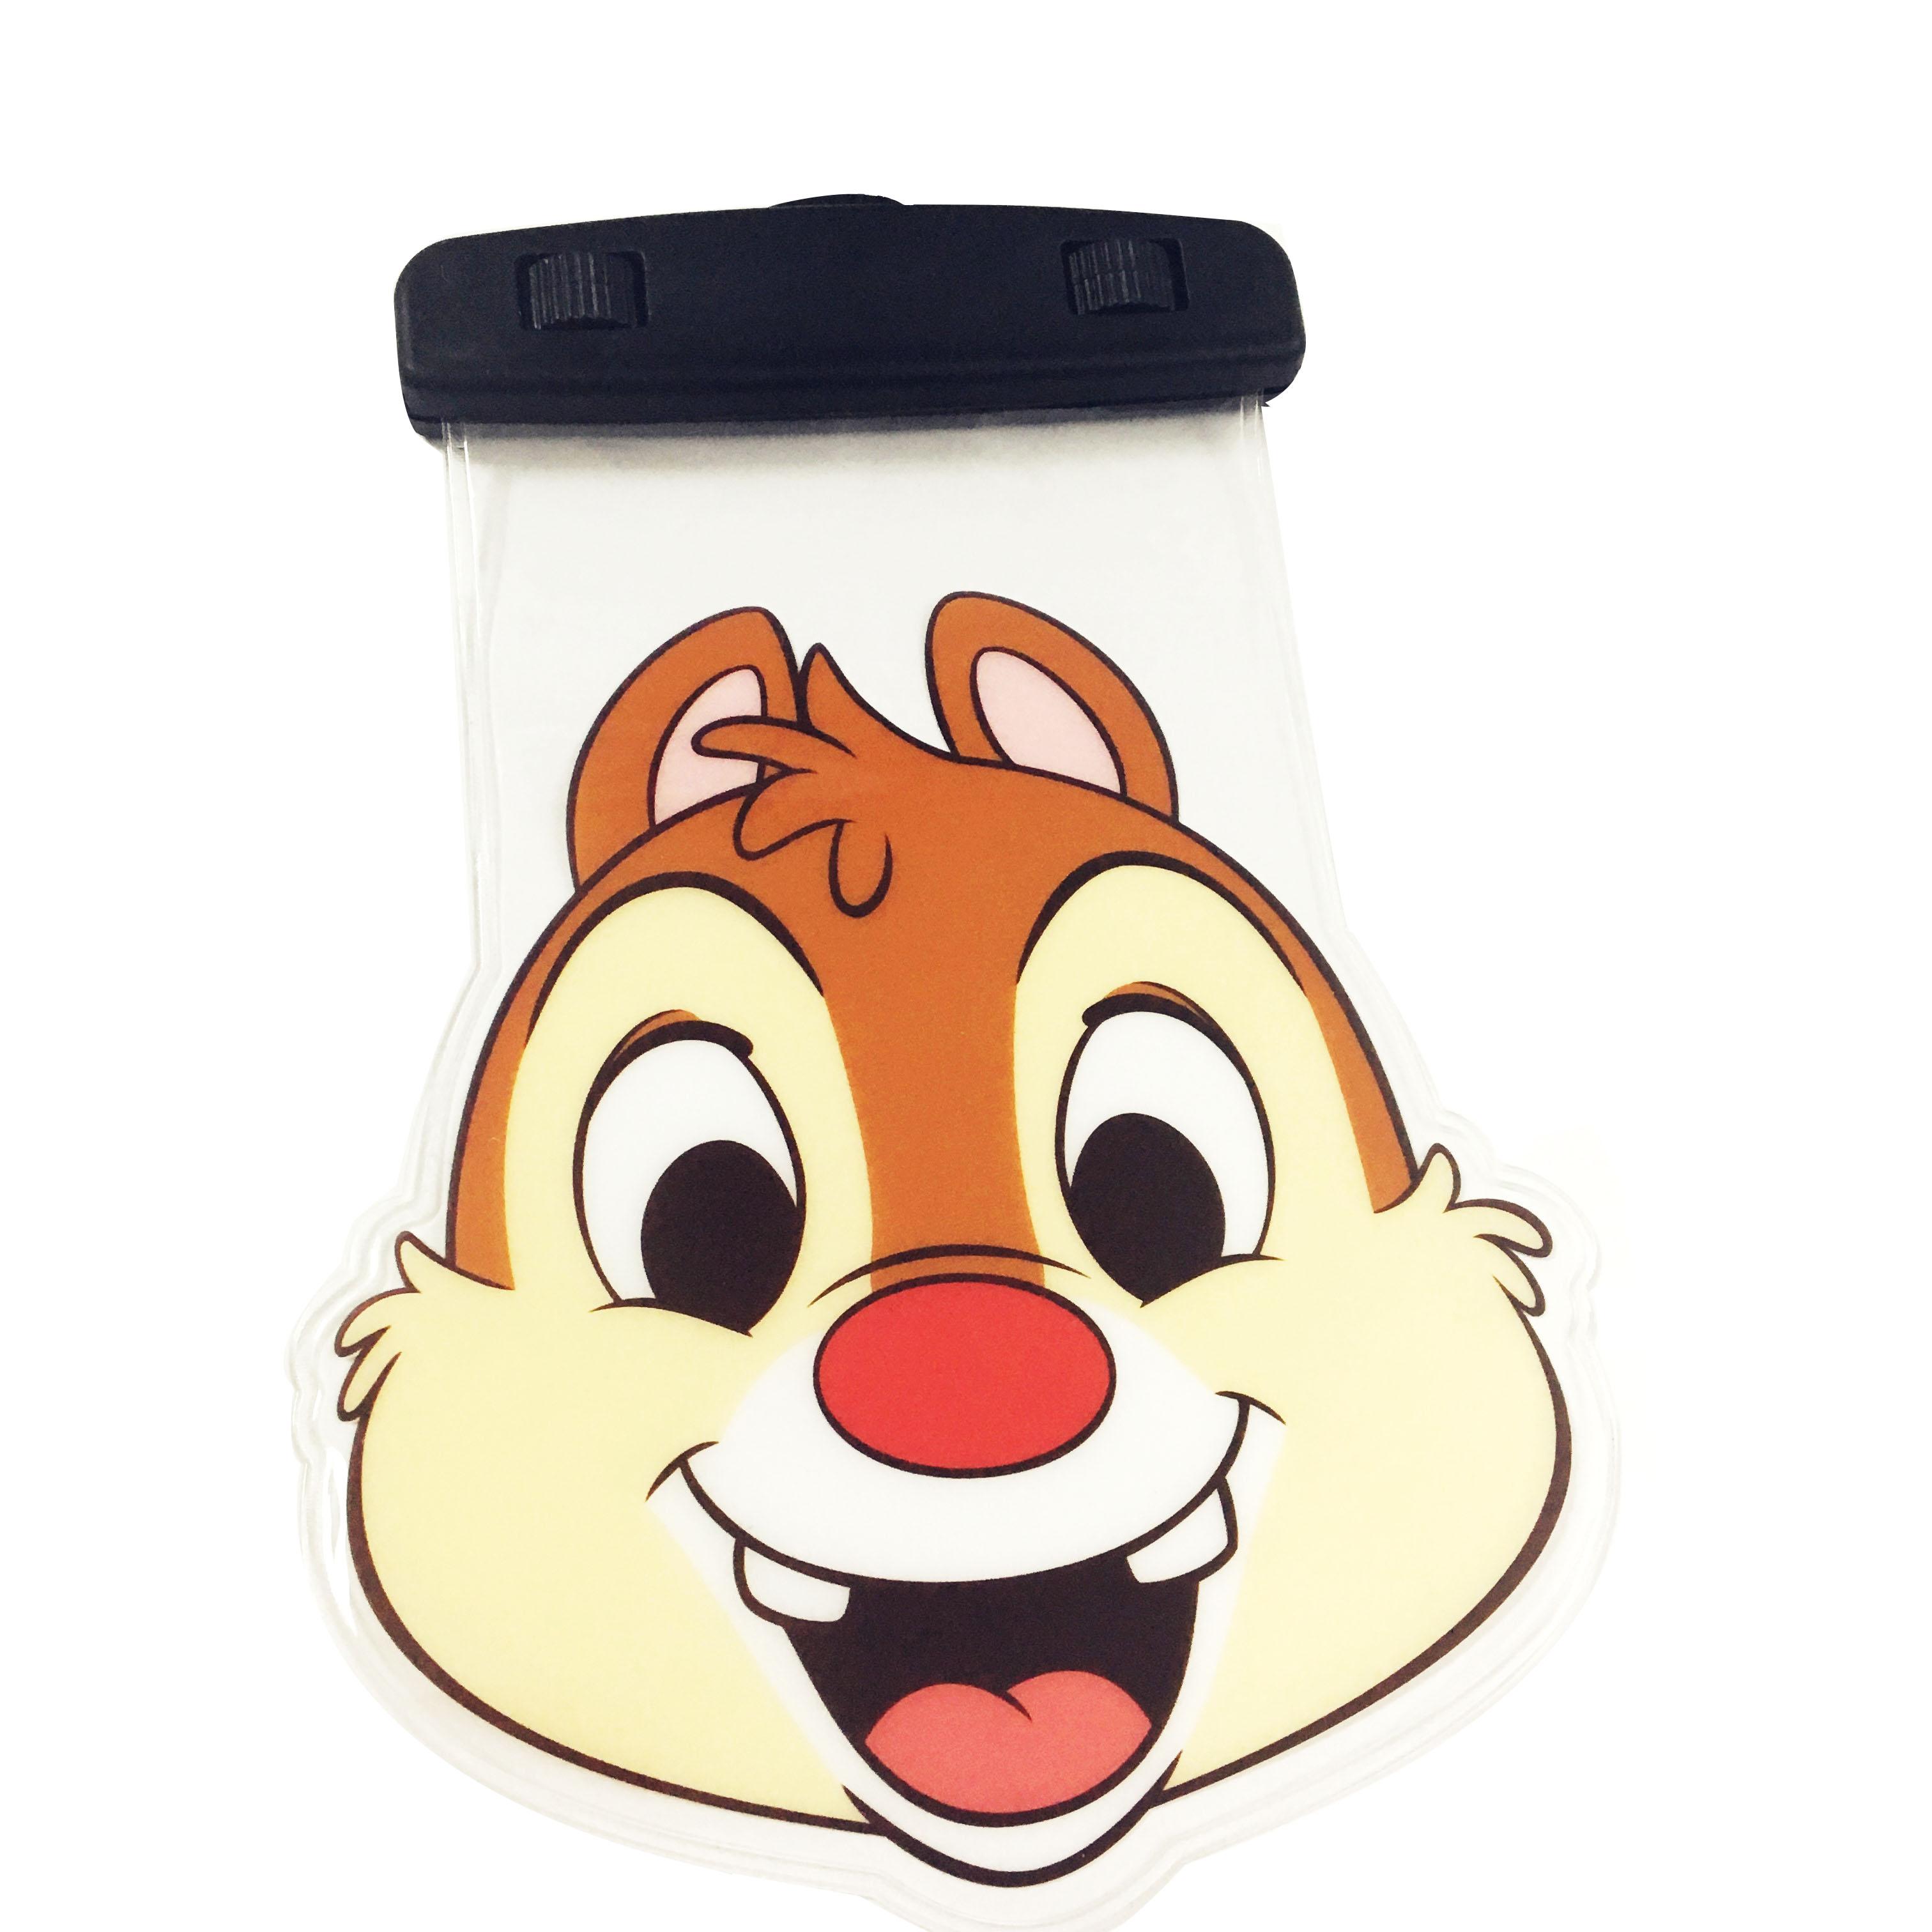 新款卡通防水袋拍照通用手机袋苹果华为小米游泳触屏潜水套送挂绳